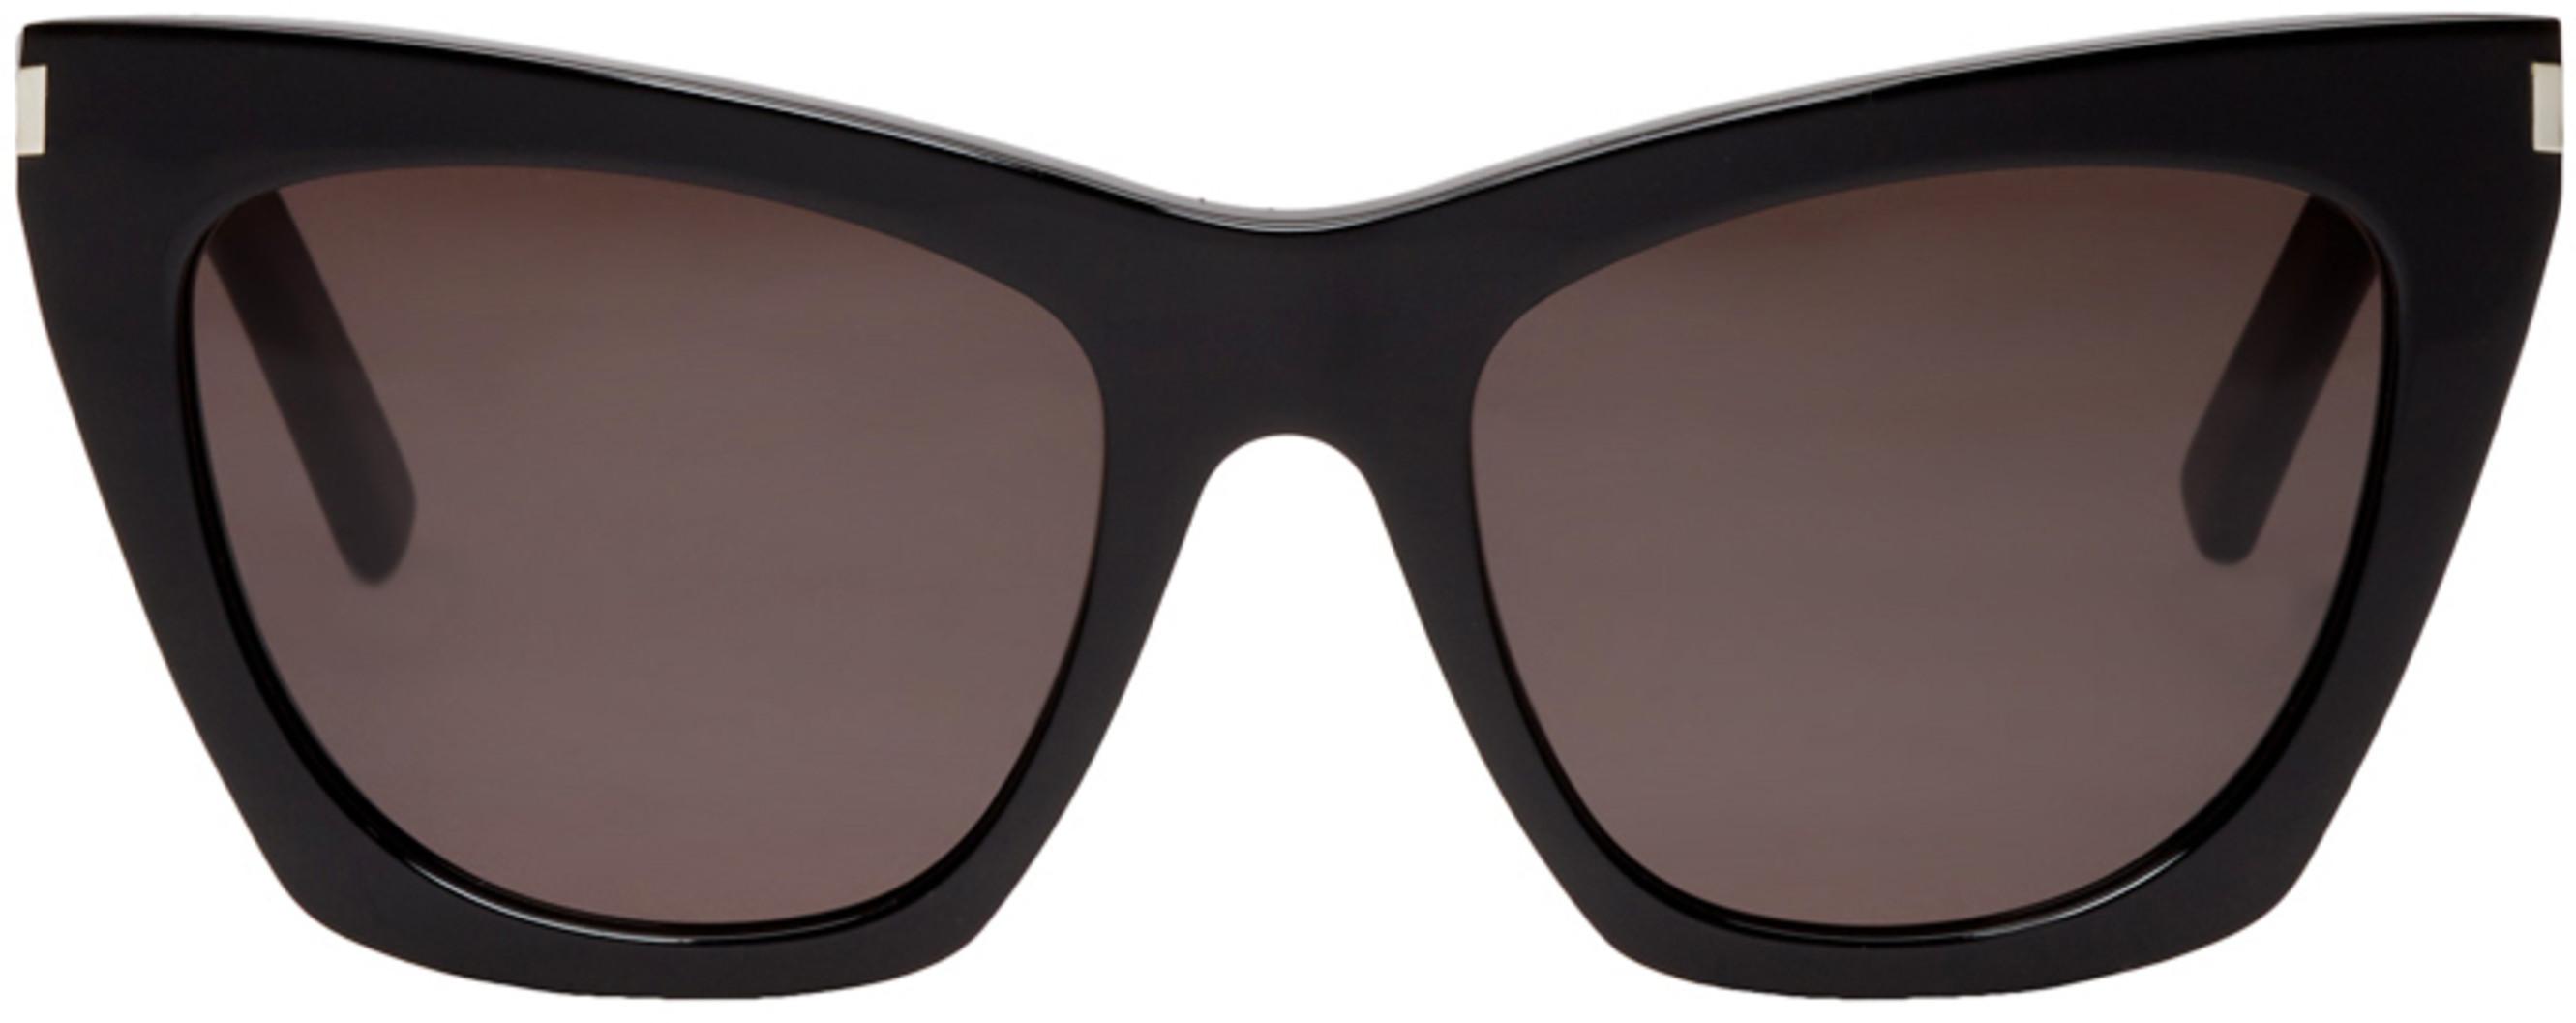 d53e4fbeae Designer sunglasses for Women